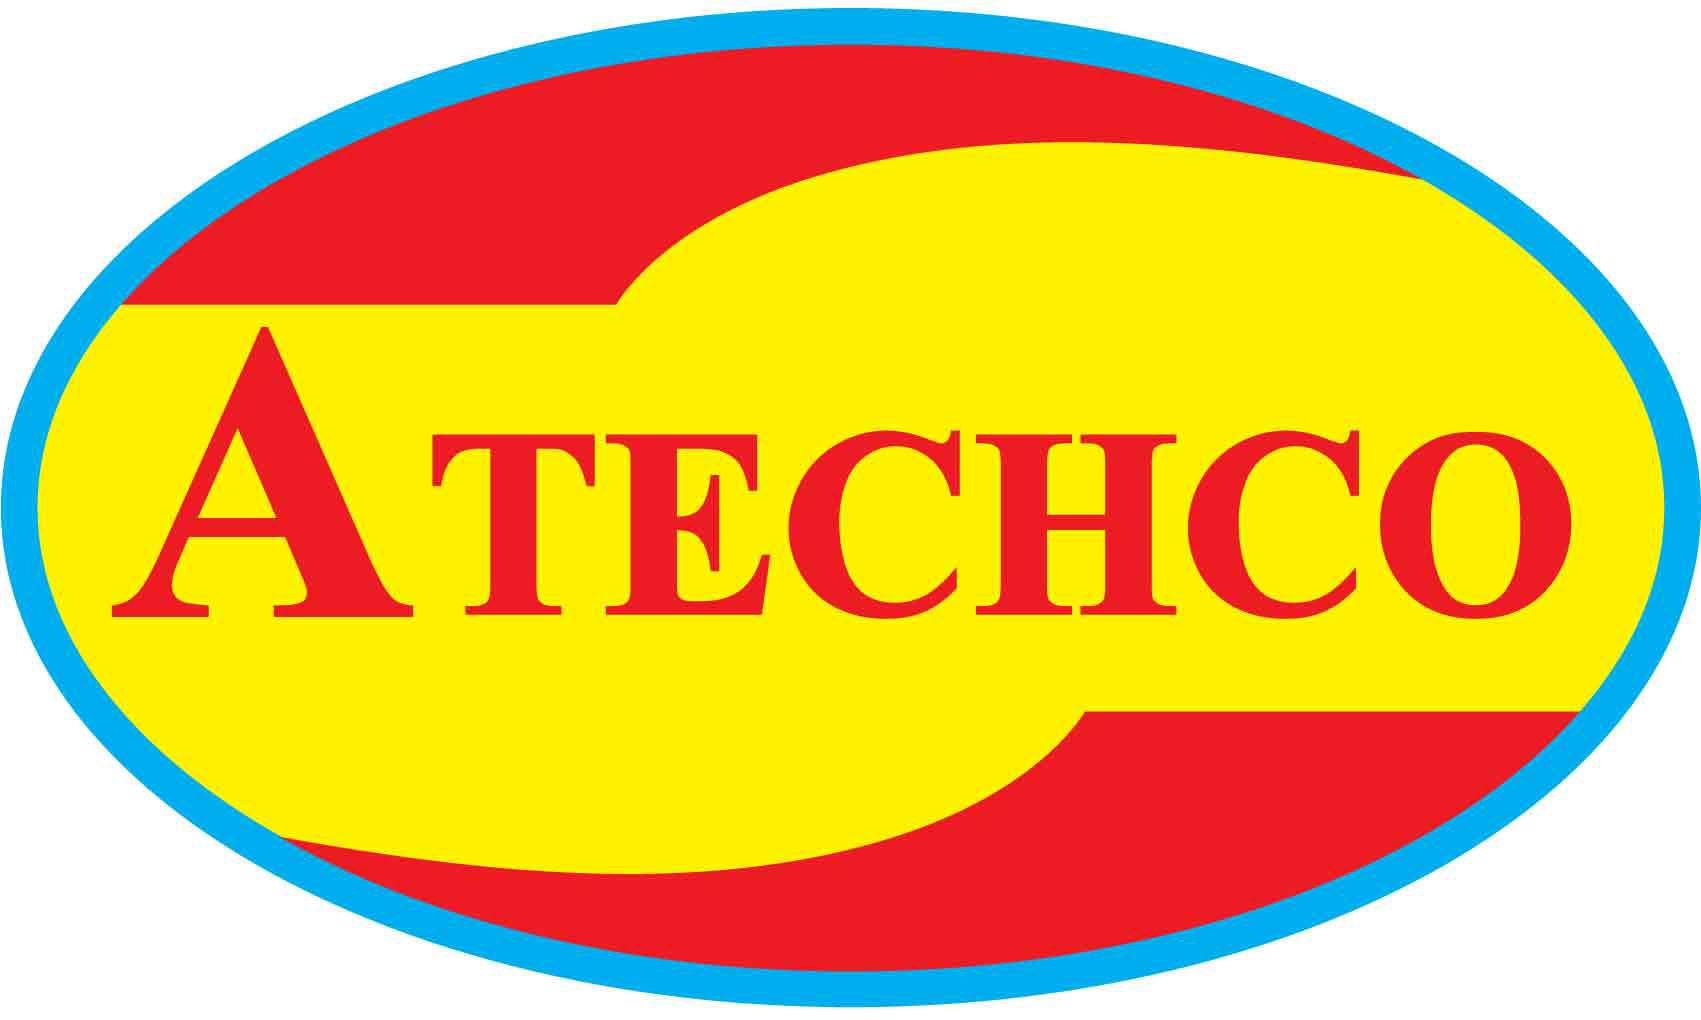 ATECHCO